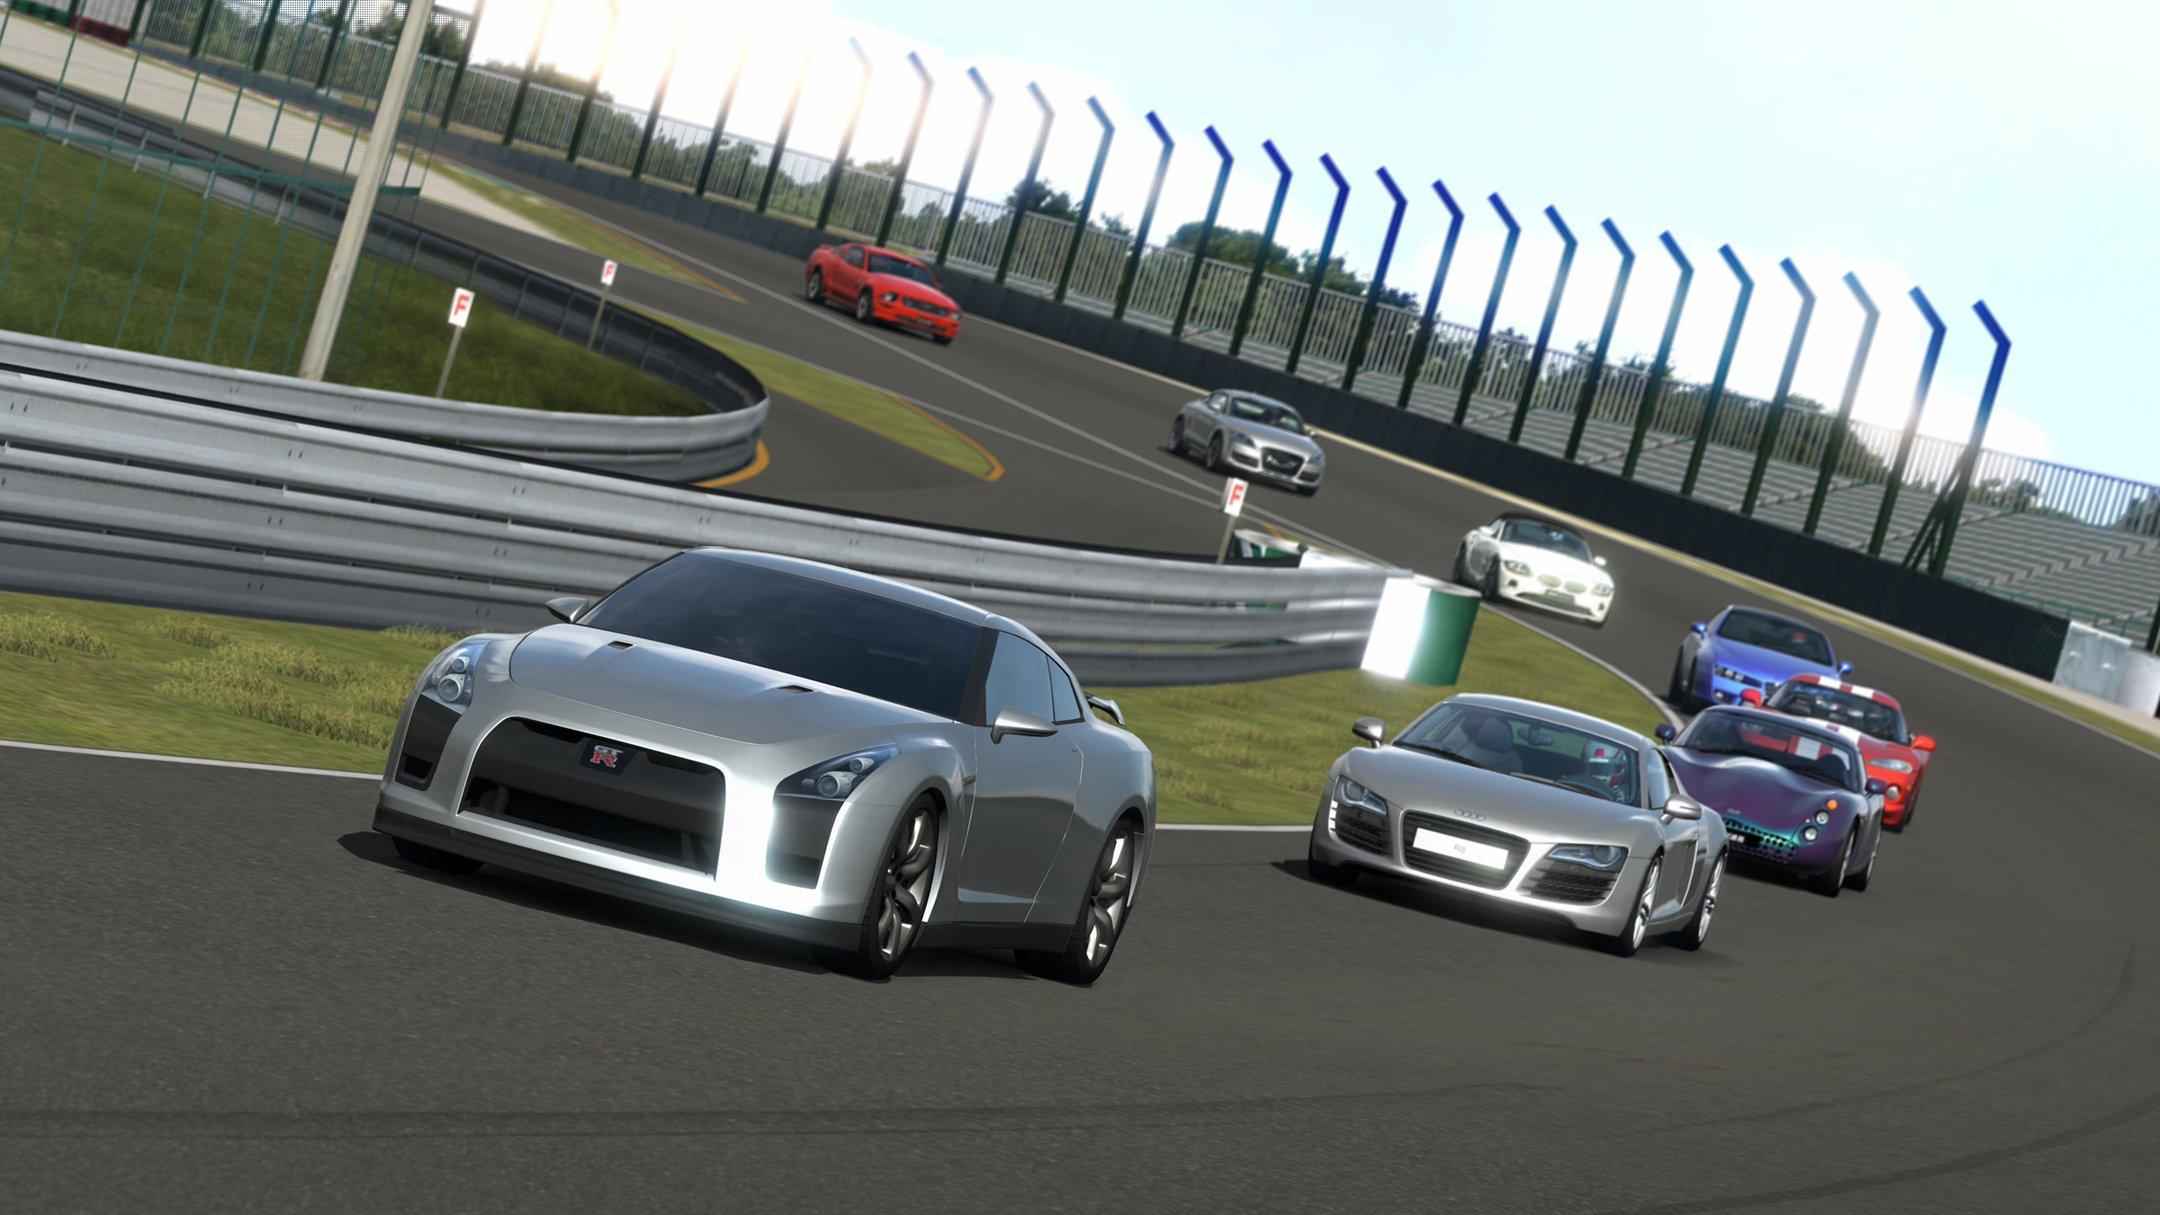 3D инструктор 2, Euro Truck Simulator 2, Gran Turismo 6 - как ведет себя руль Logitech G27  - Изображение 1